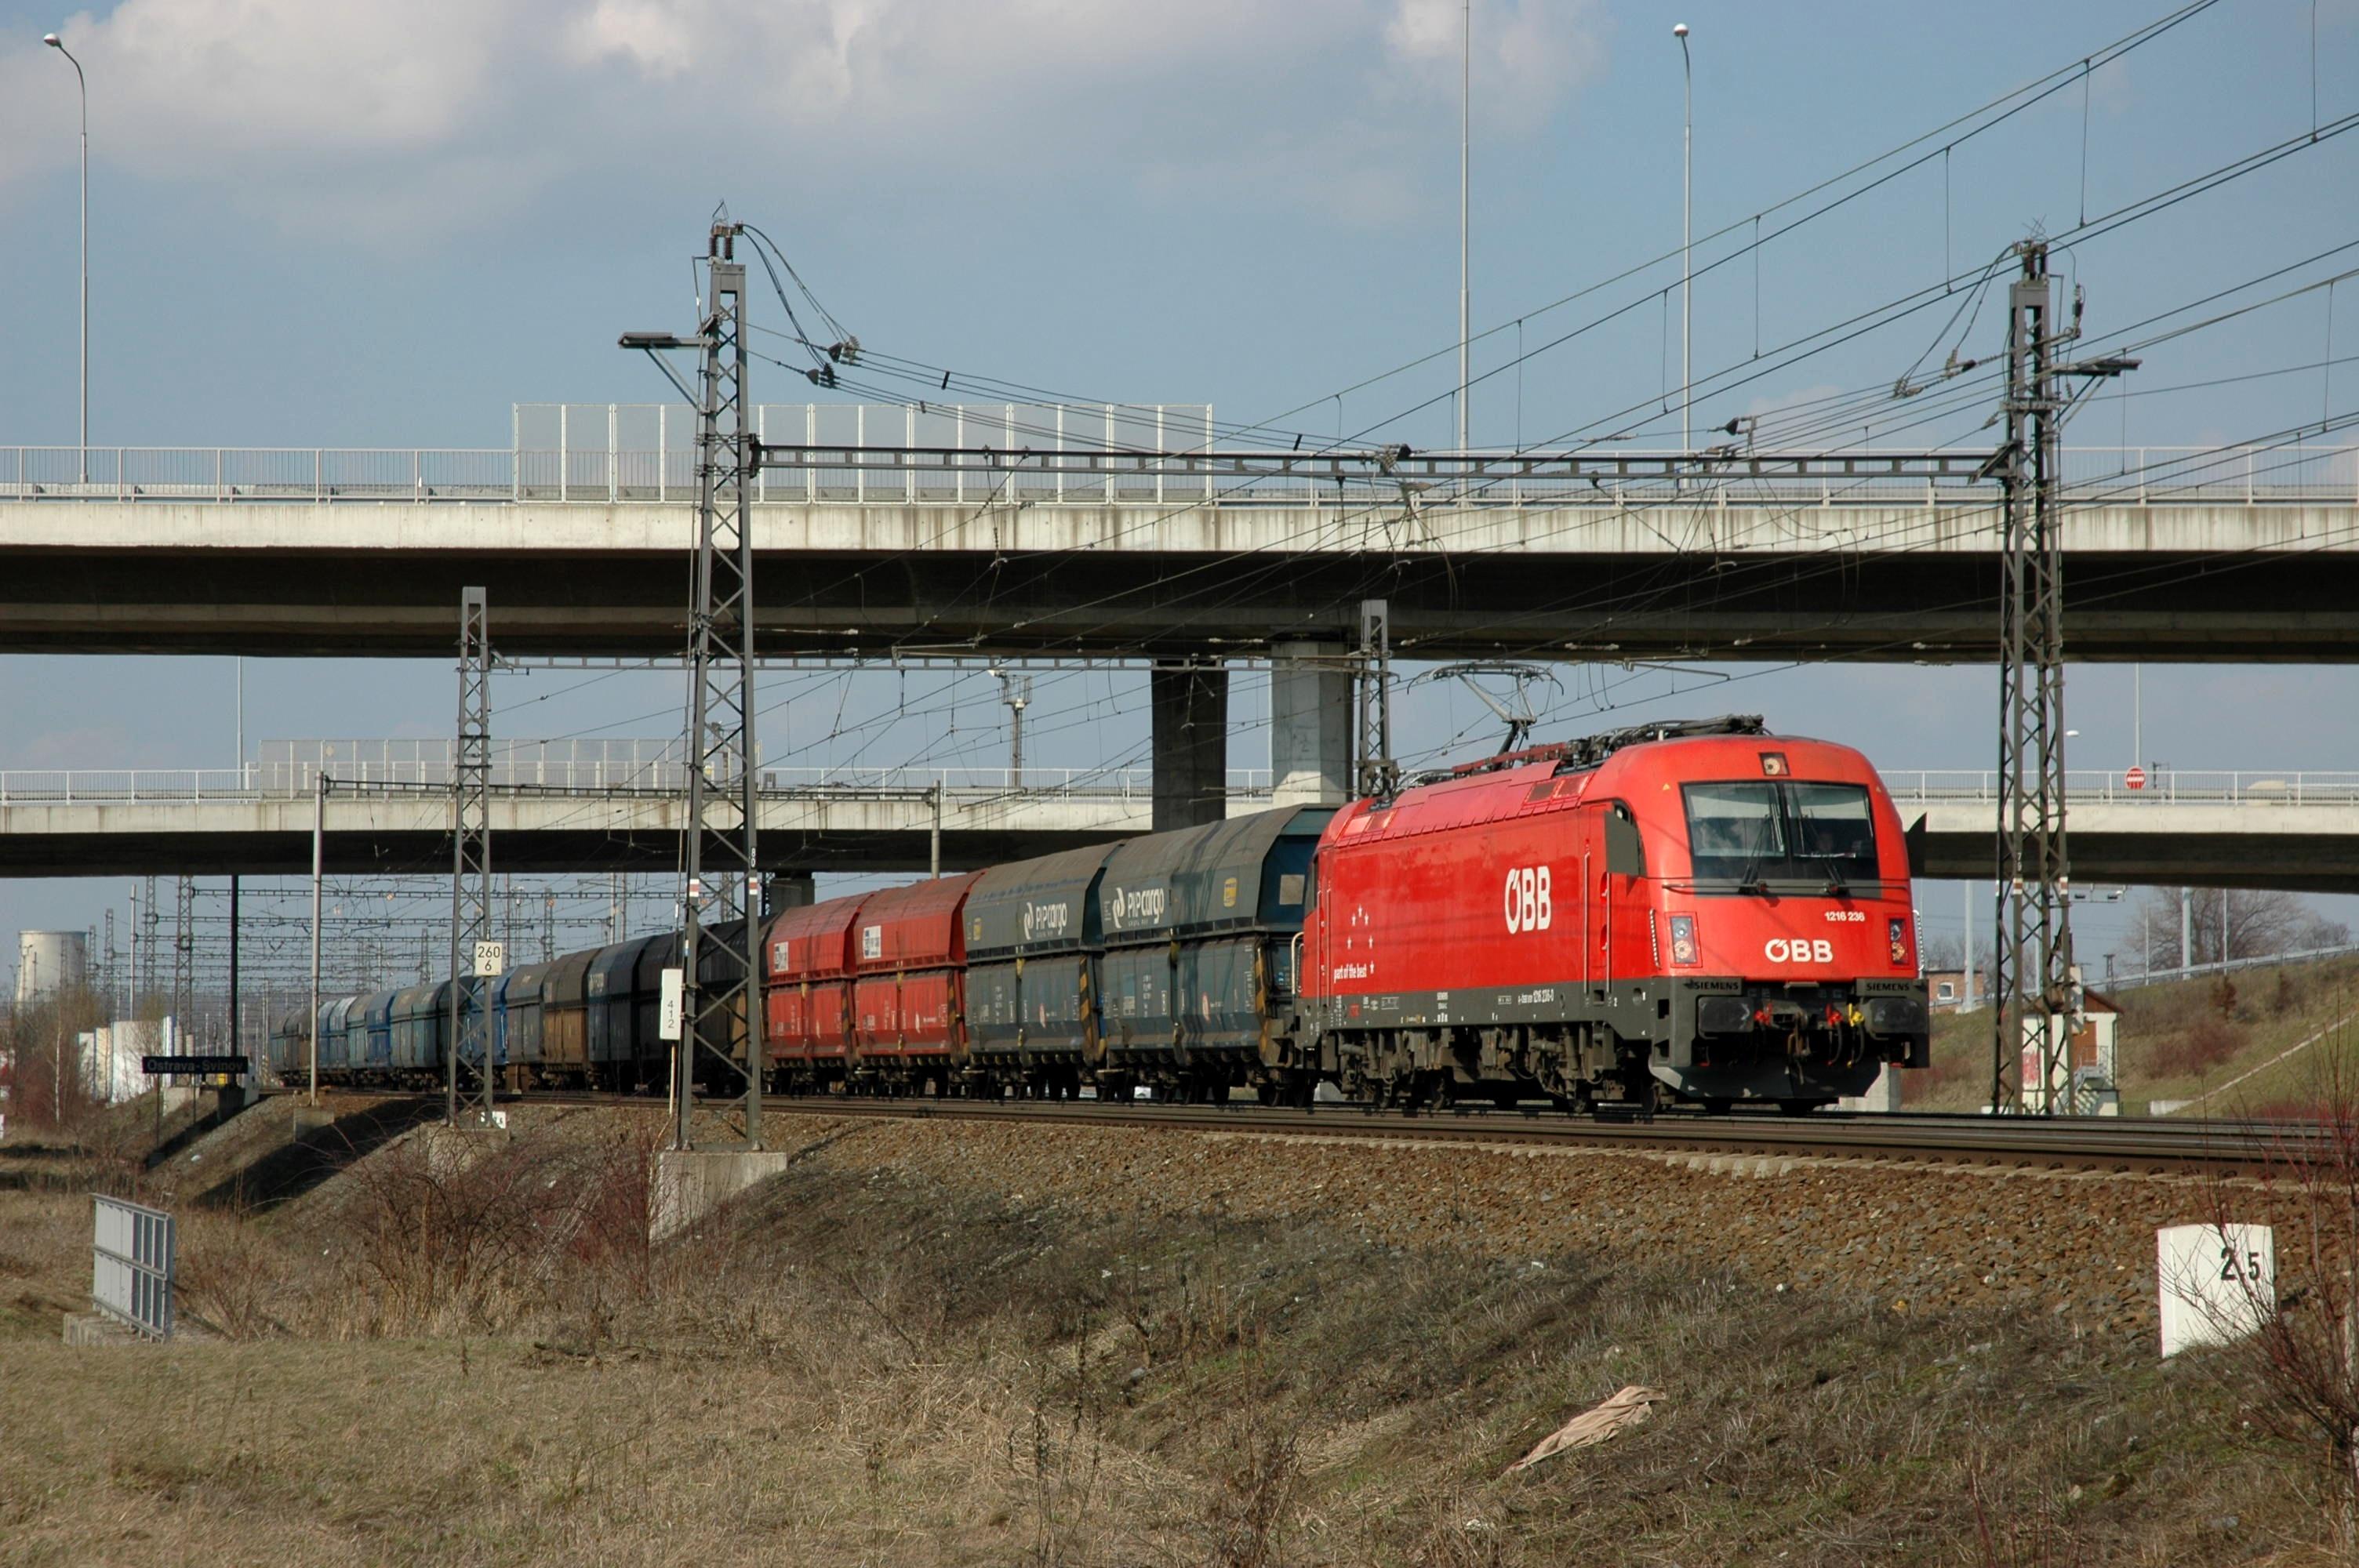 File:1216 236 A-OBB Ostrava-Svinov.jpg